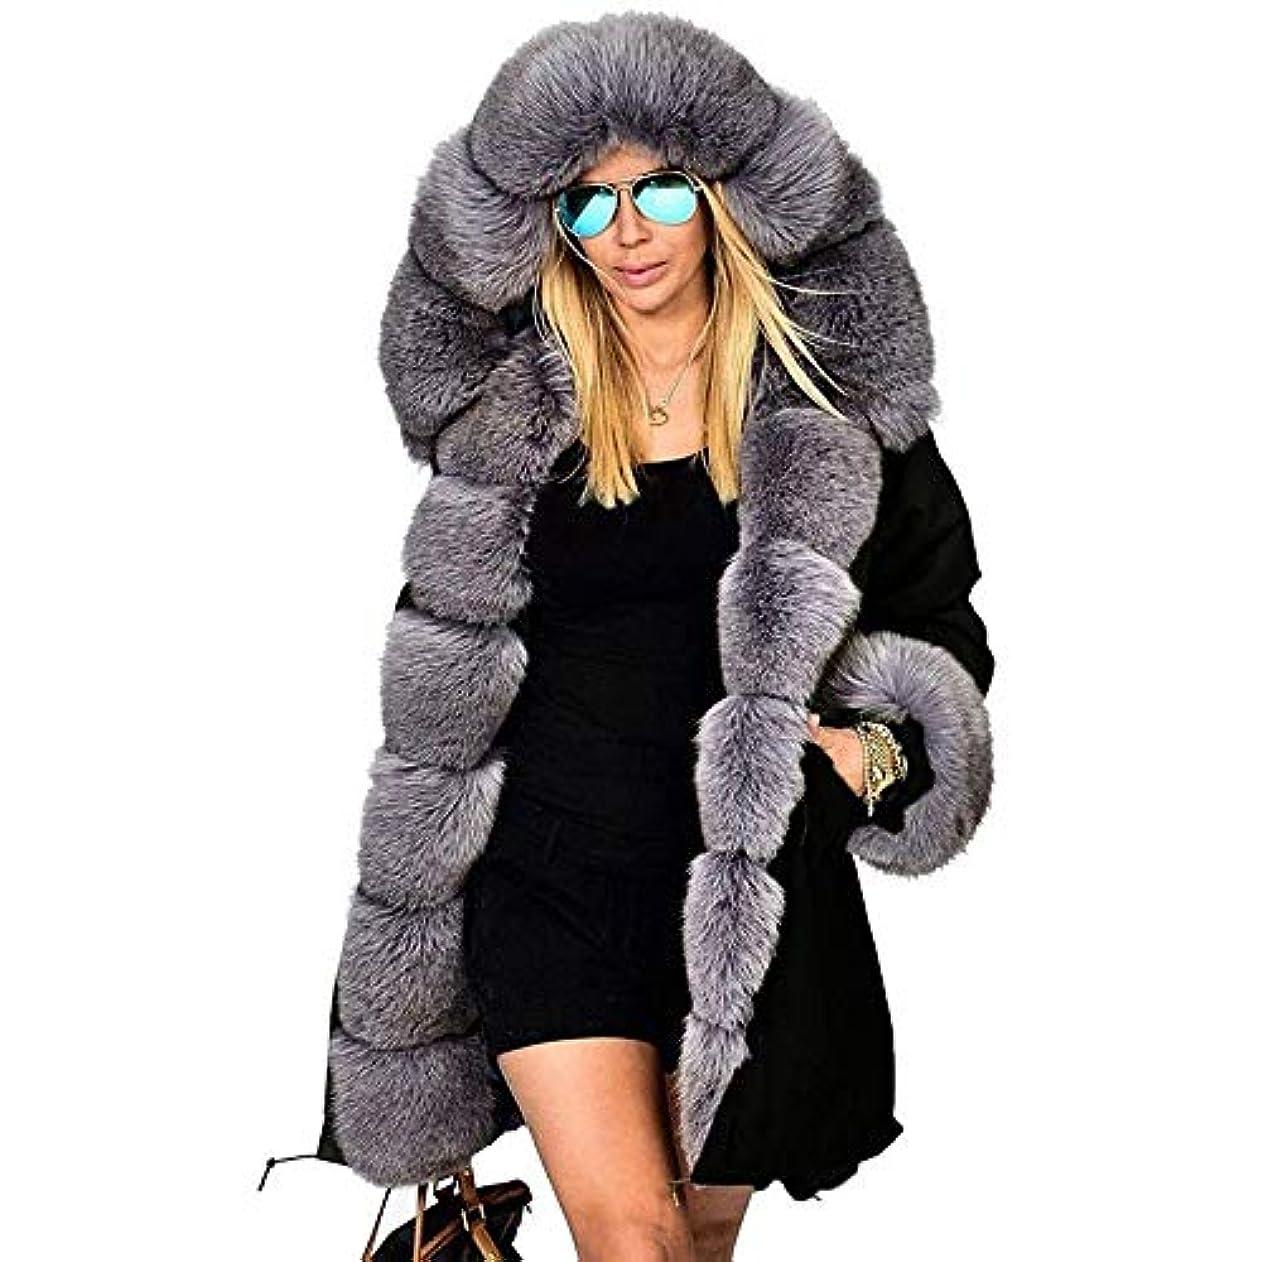 アライメント面倒スリップファッションウィメンズジャケット女性ウォームコートフェイクファーコットンオーバーコート女性ロングフードコートパーカー,XXL